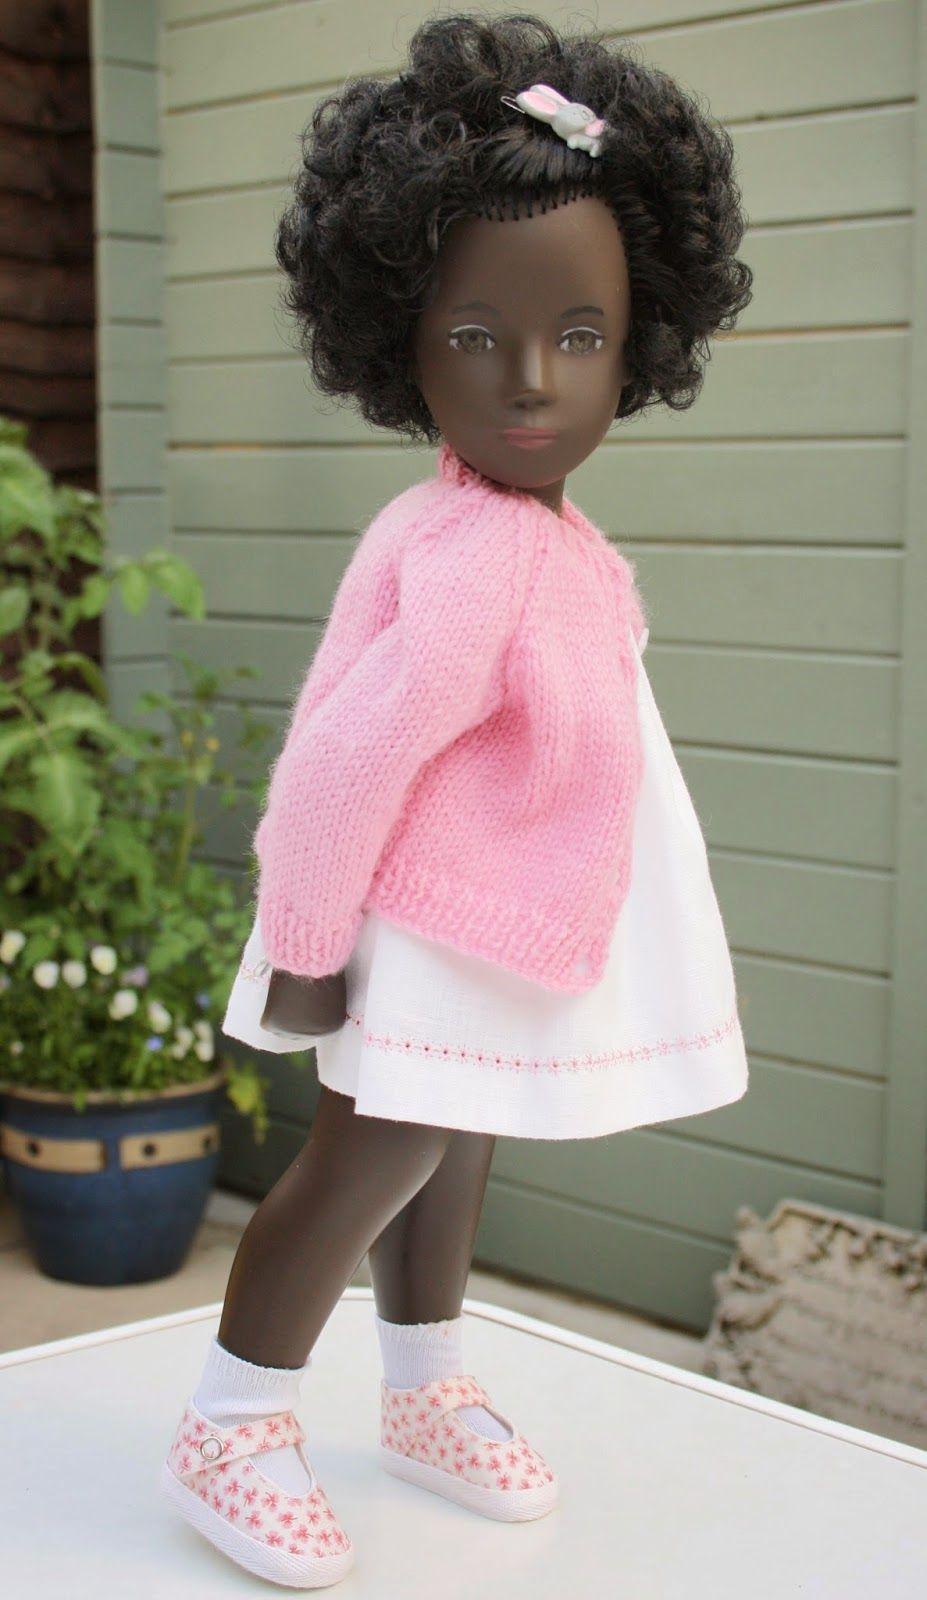 Sasha Doll UK. Sasha doll beautifully repainted by Shelly